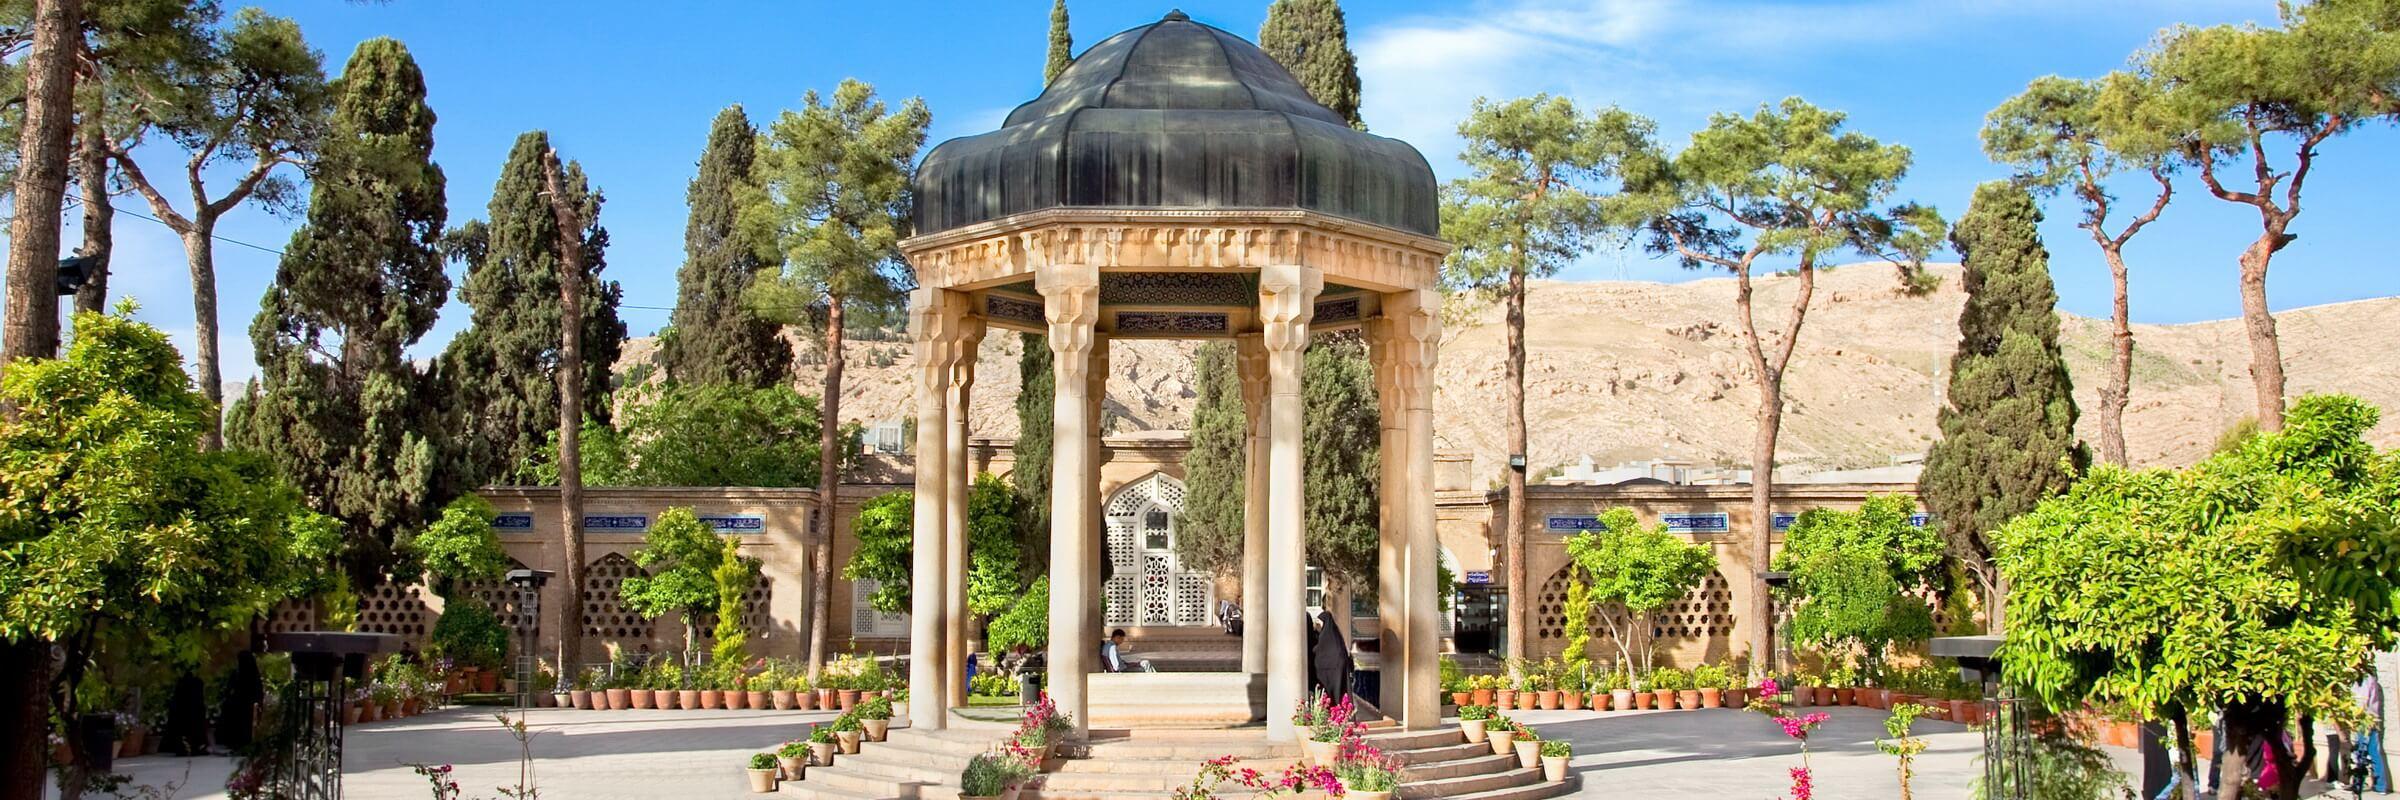 Hafis gilt als einer der bekanntesten persischen Dichter und Mystiker und hatte bereits im Kindesalter den gesamten Koran auswendig gelernt.